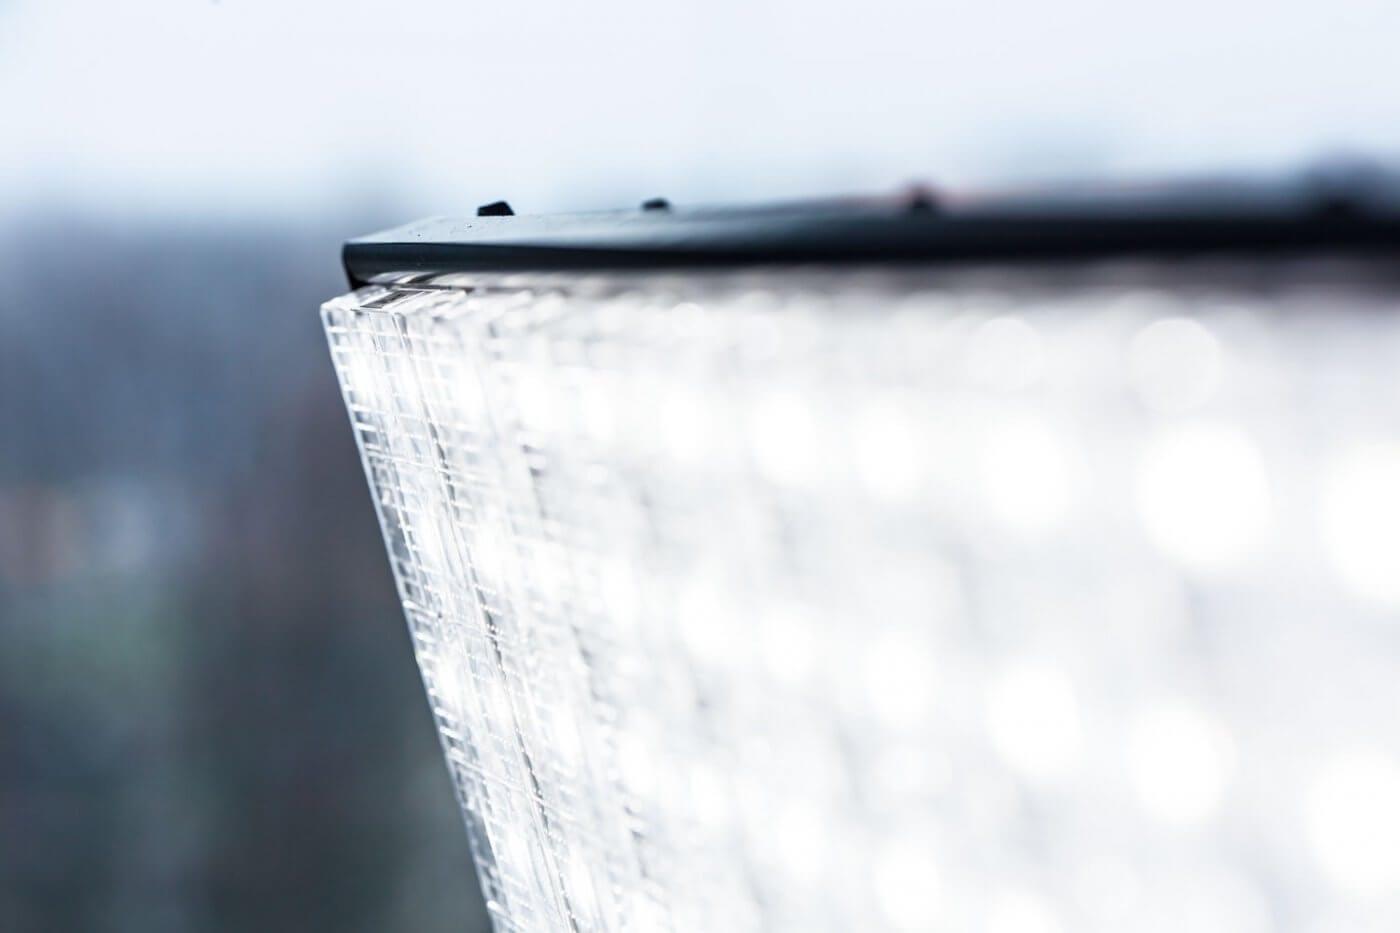 led lamp akurat close-up